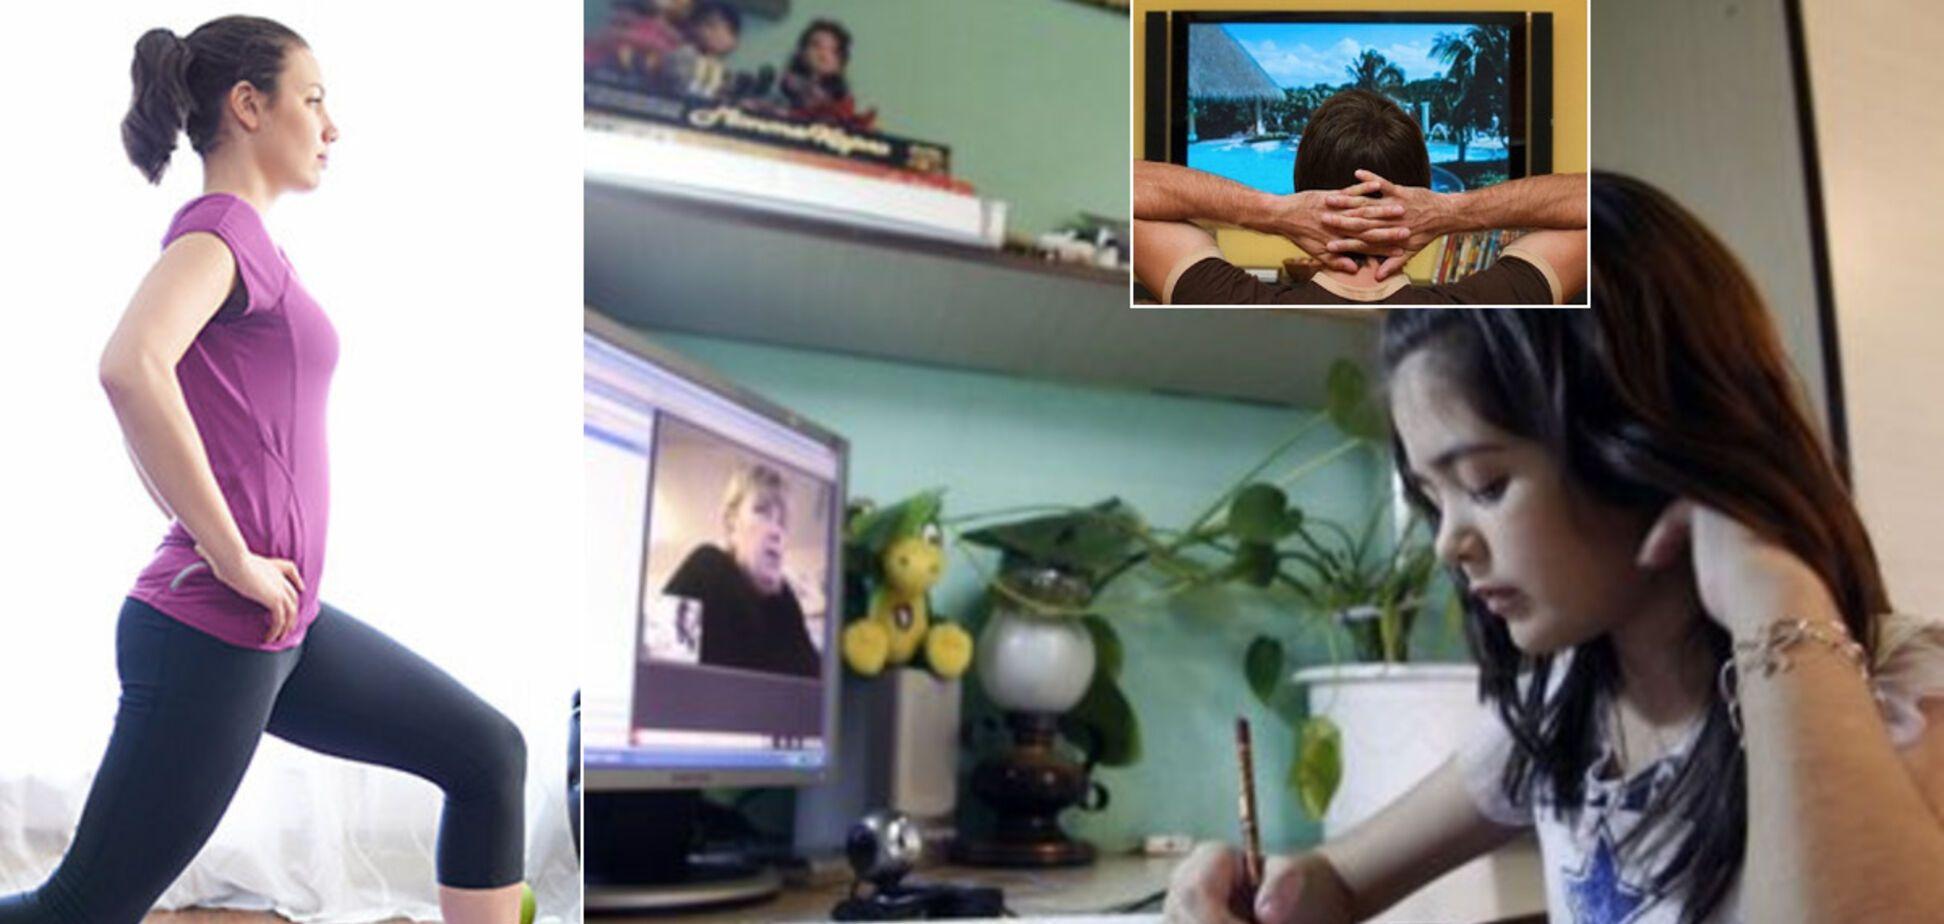 В Україні через коронавірус церкви йдуть в онлайн, а школярів навчають по Skype: як триває масштабний карантин в країні